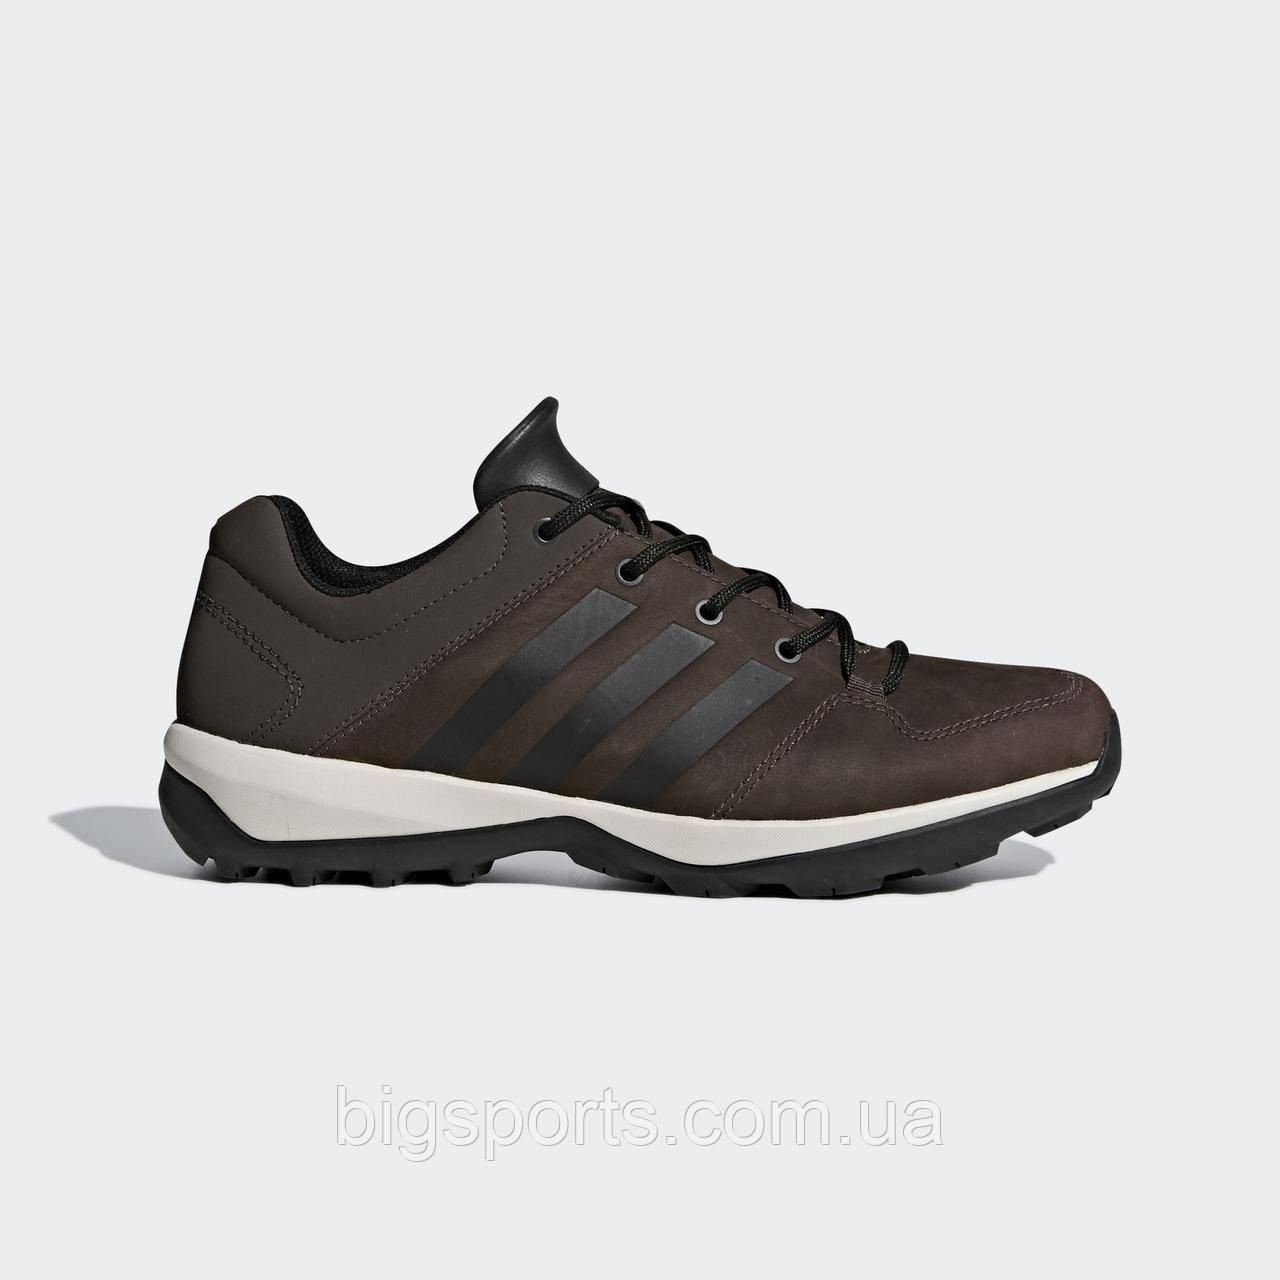 Кроссовки муж. Adidas Daroga Plus Lea (арт. B27270)